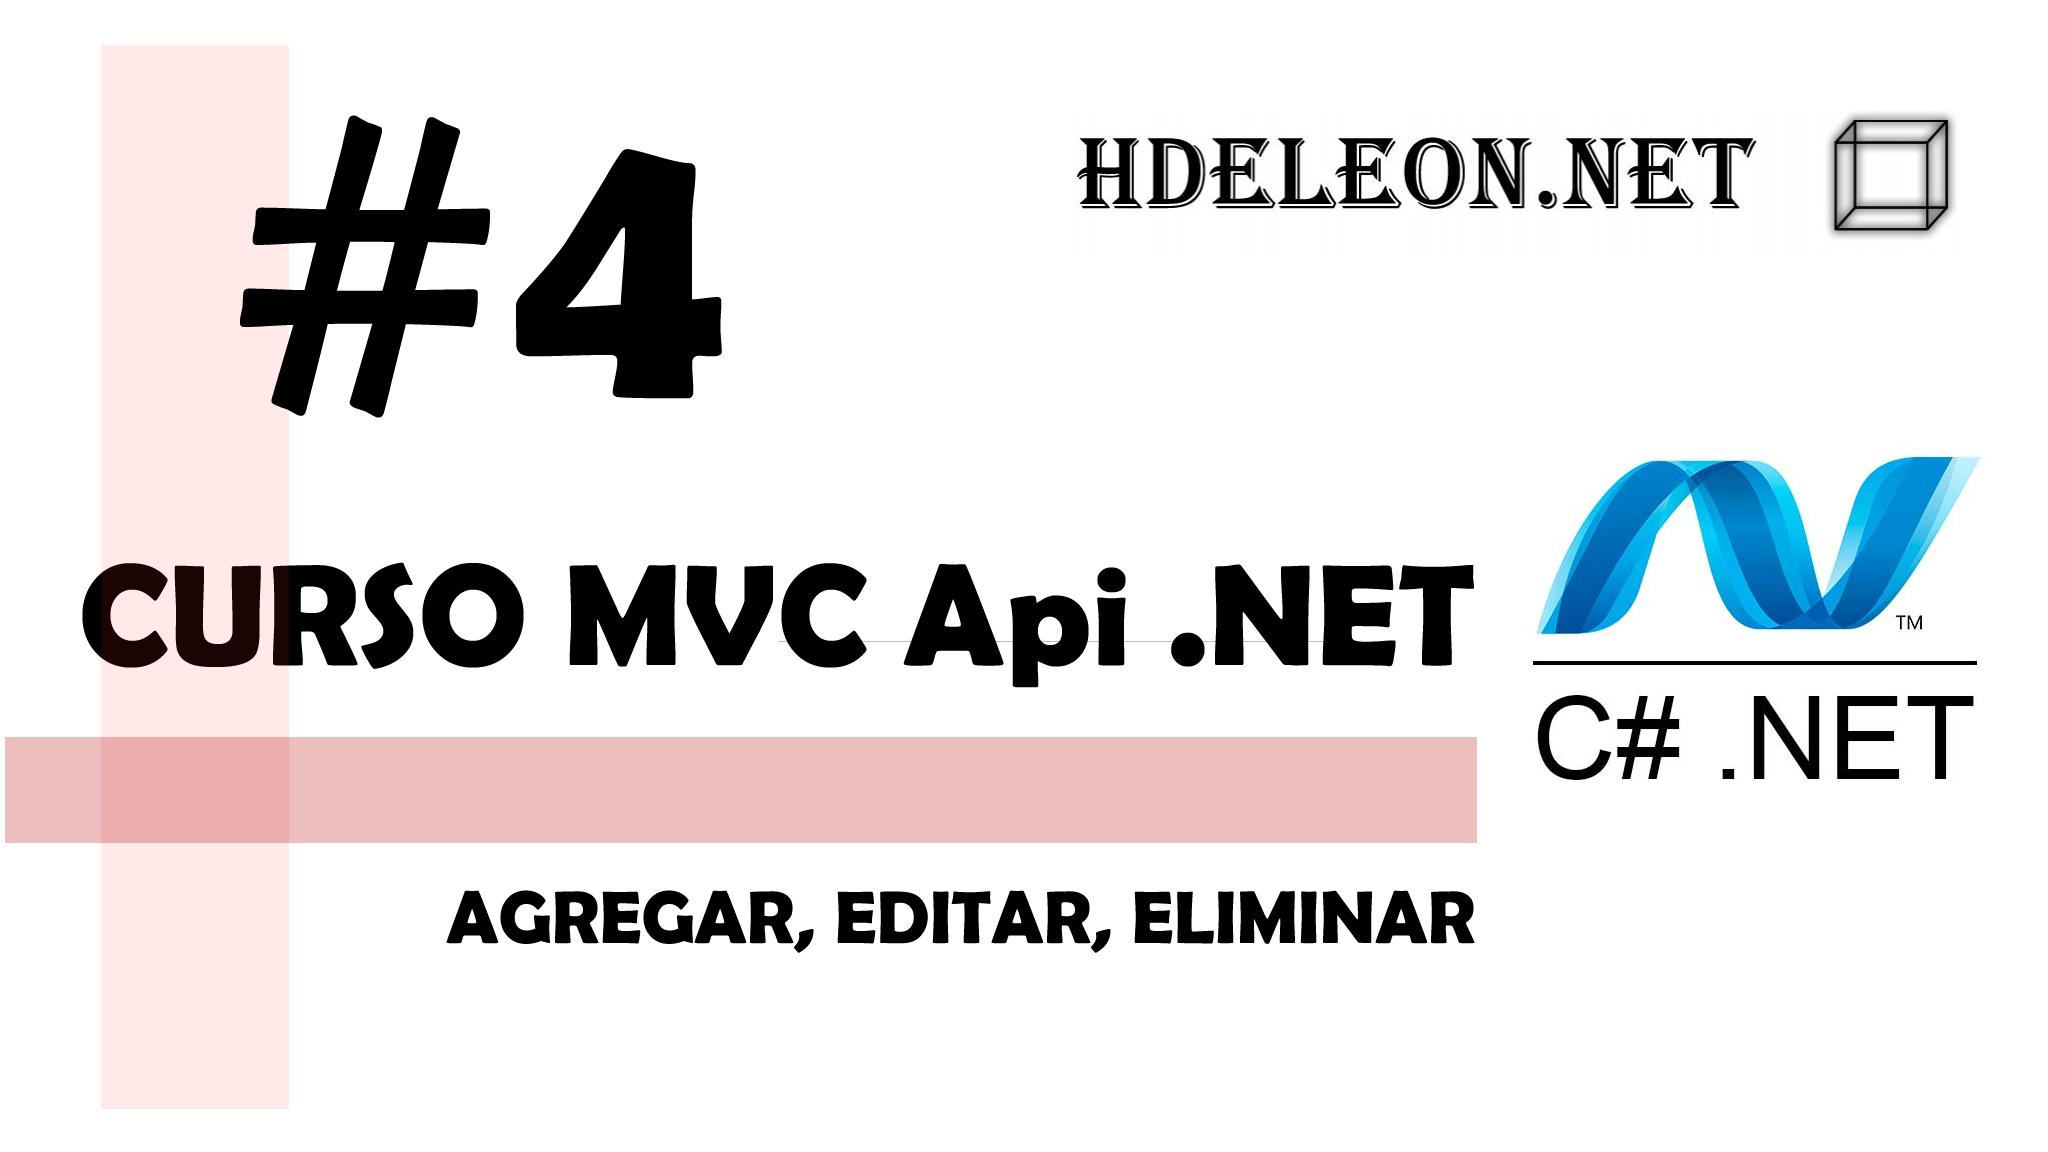 Curso de MVC API .Net C#, Agregar, editar, eliminar, #4